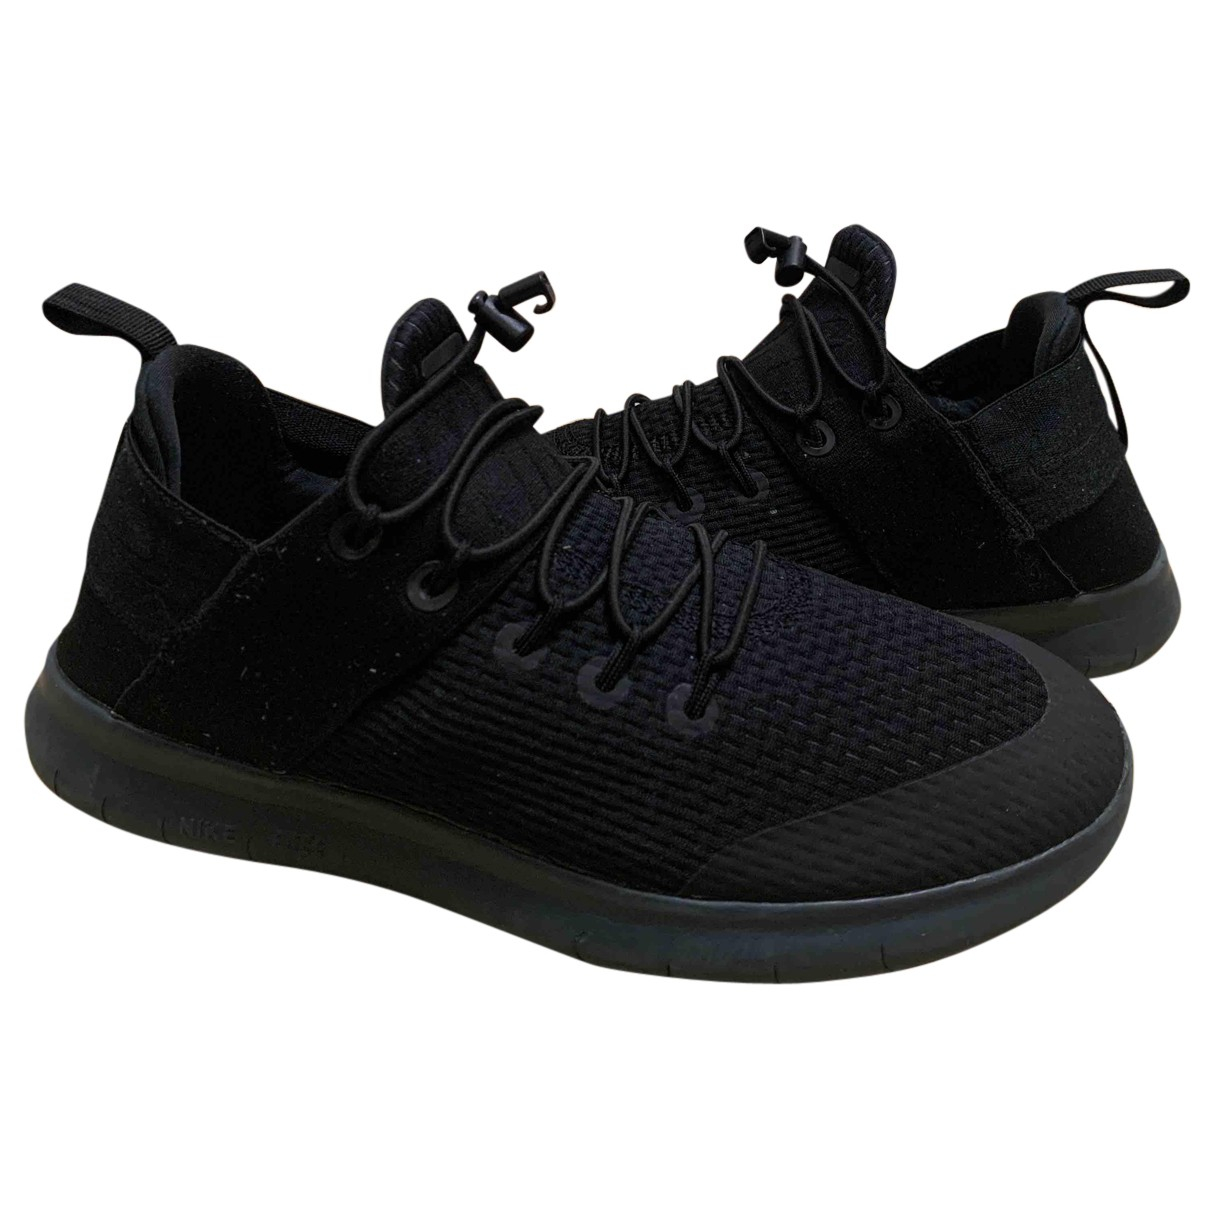 Nike Free Run Black Trainers for Women 38 EU